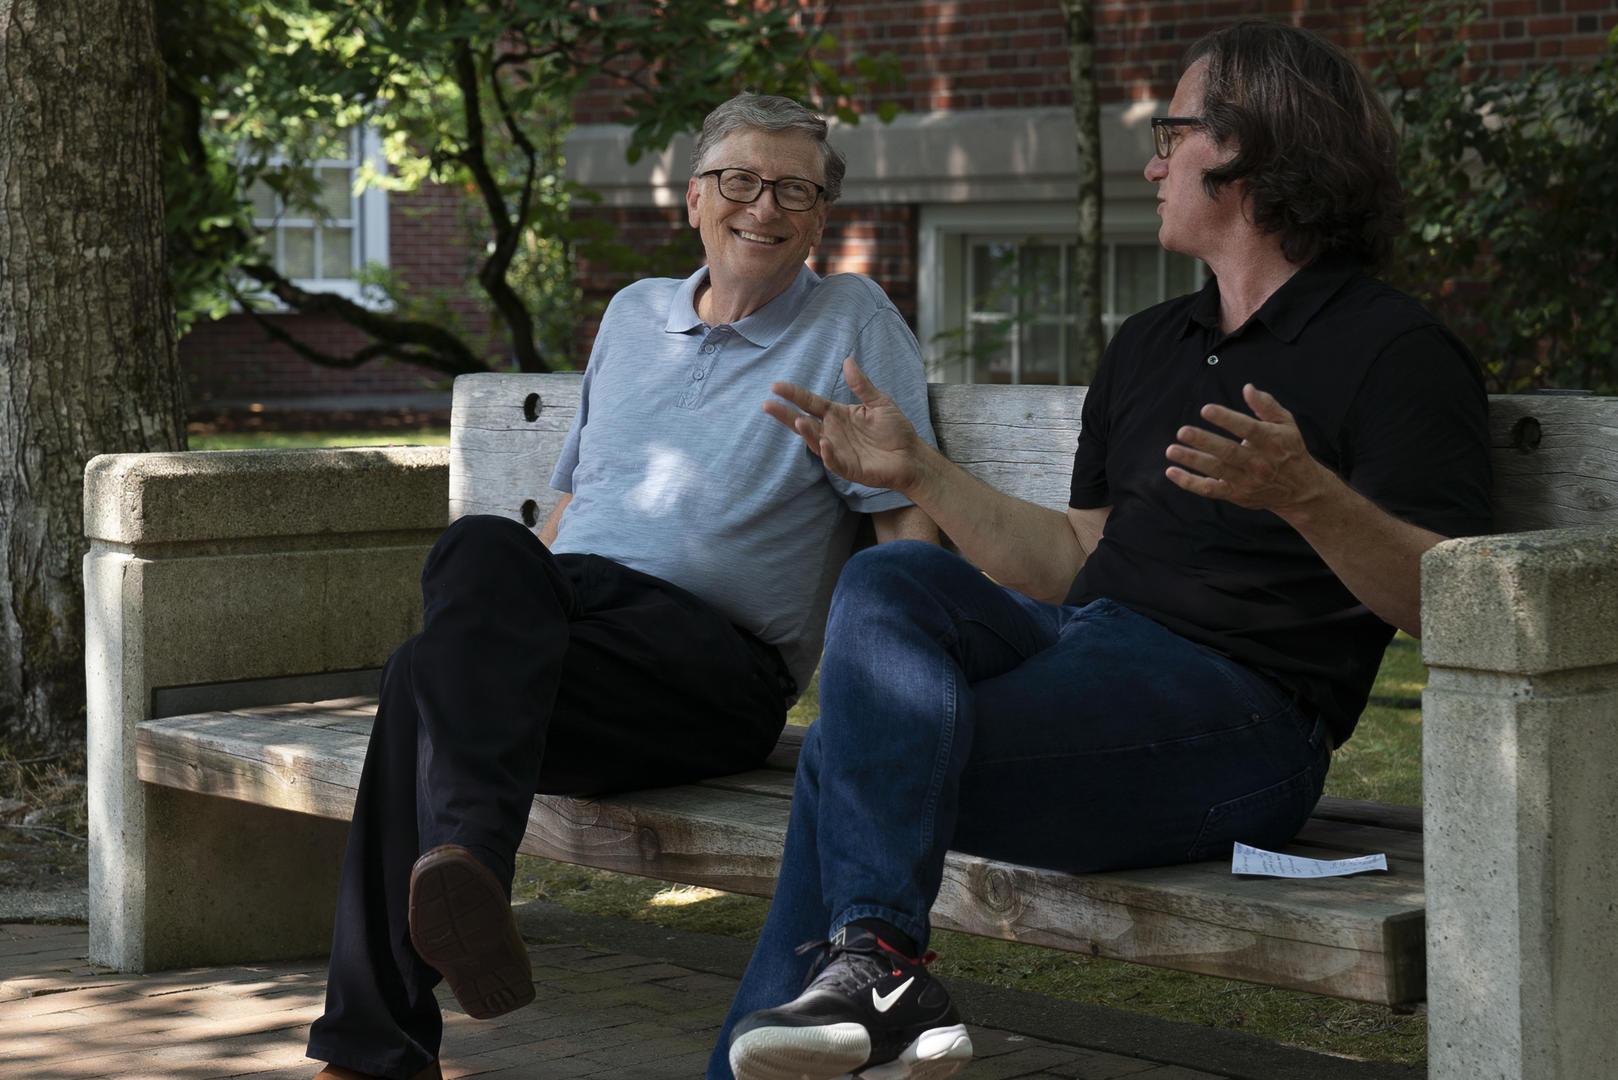 O Código de Bill Gates